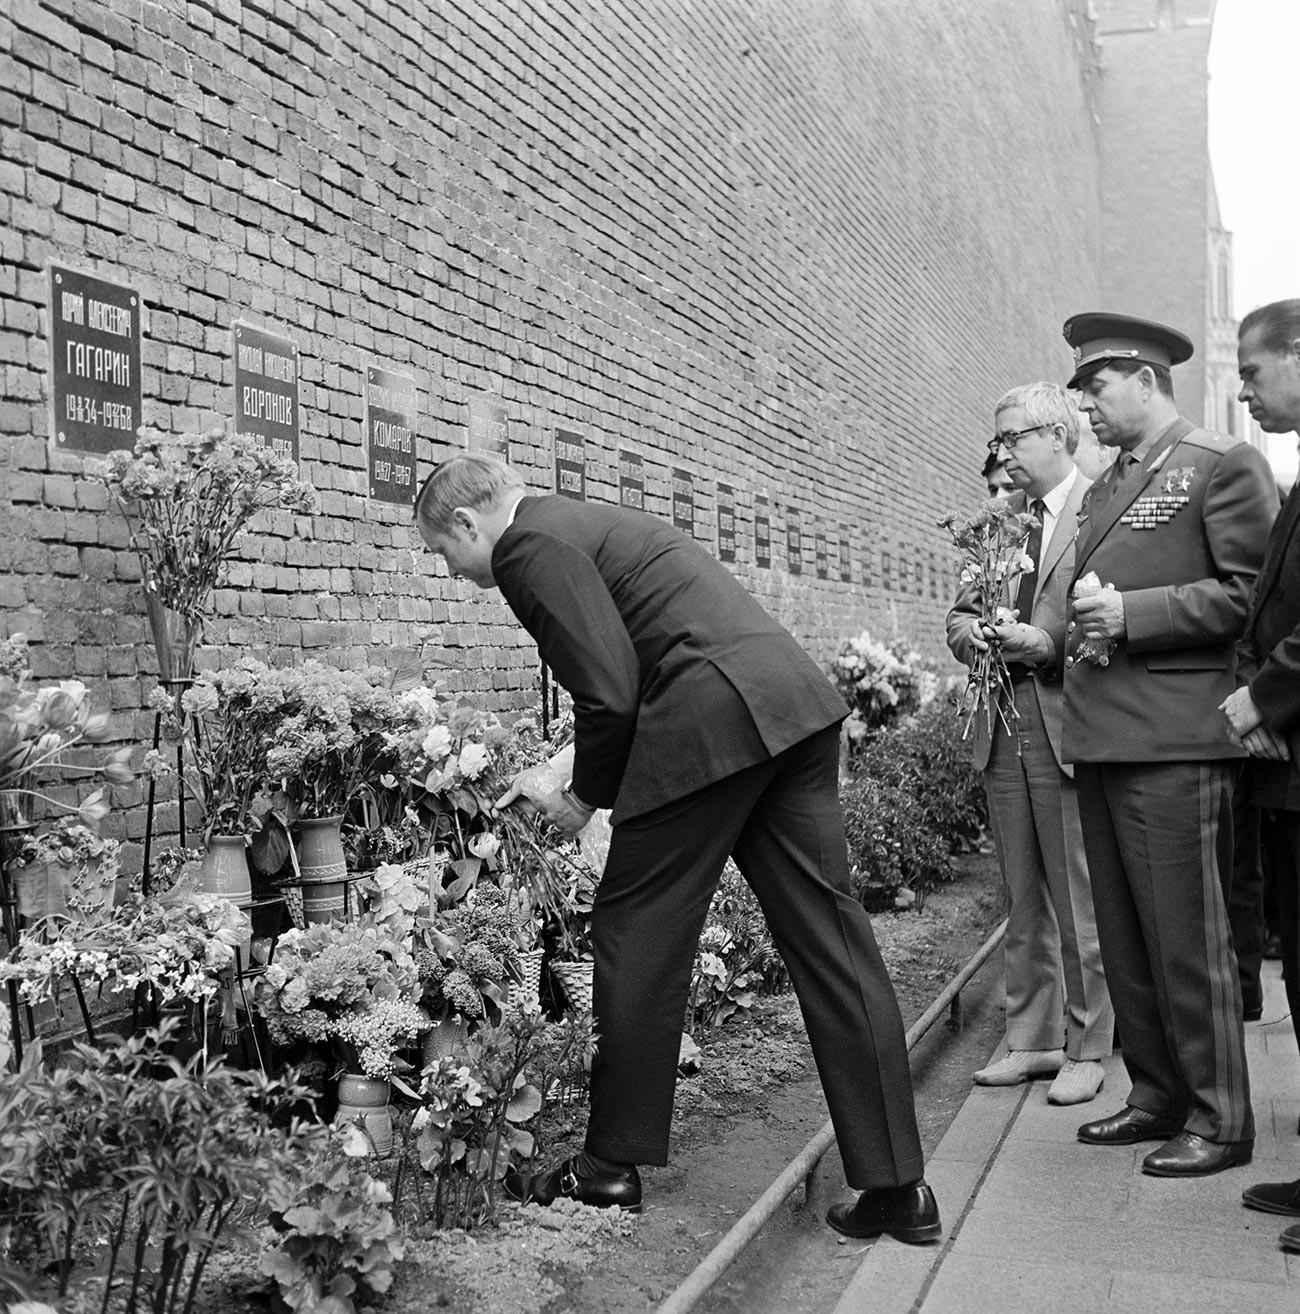 Нил Армстронг возлагает цветы к могиле Юрия Гагарина в Кремлевской стене.